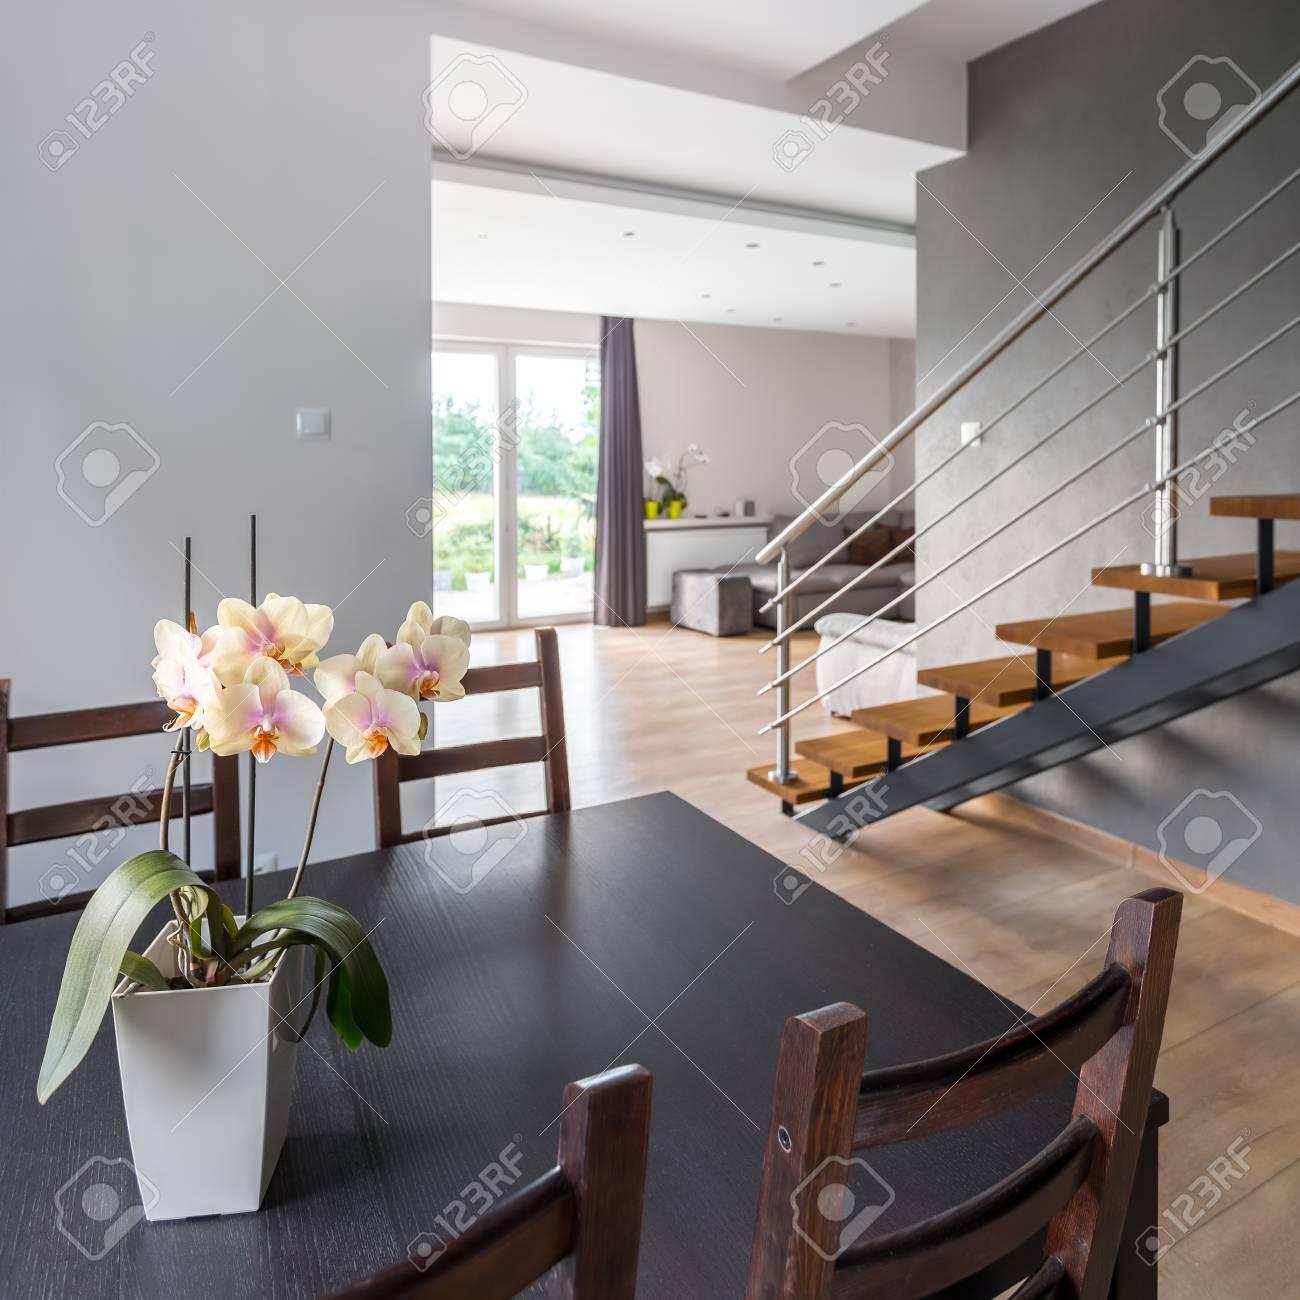 Intérieur de la maison avec table et chaises, dans les escaliers de fond et  salon ouvert